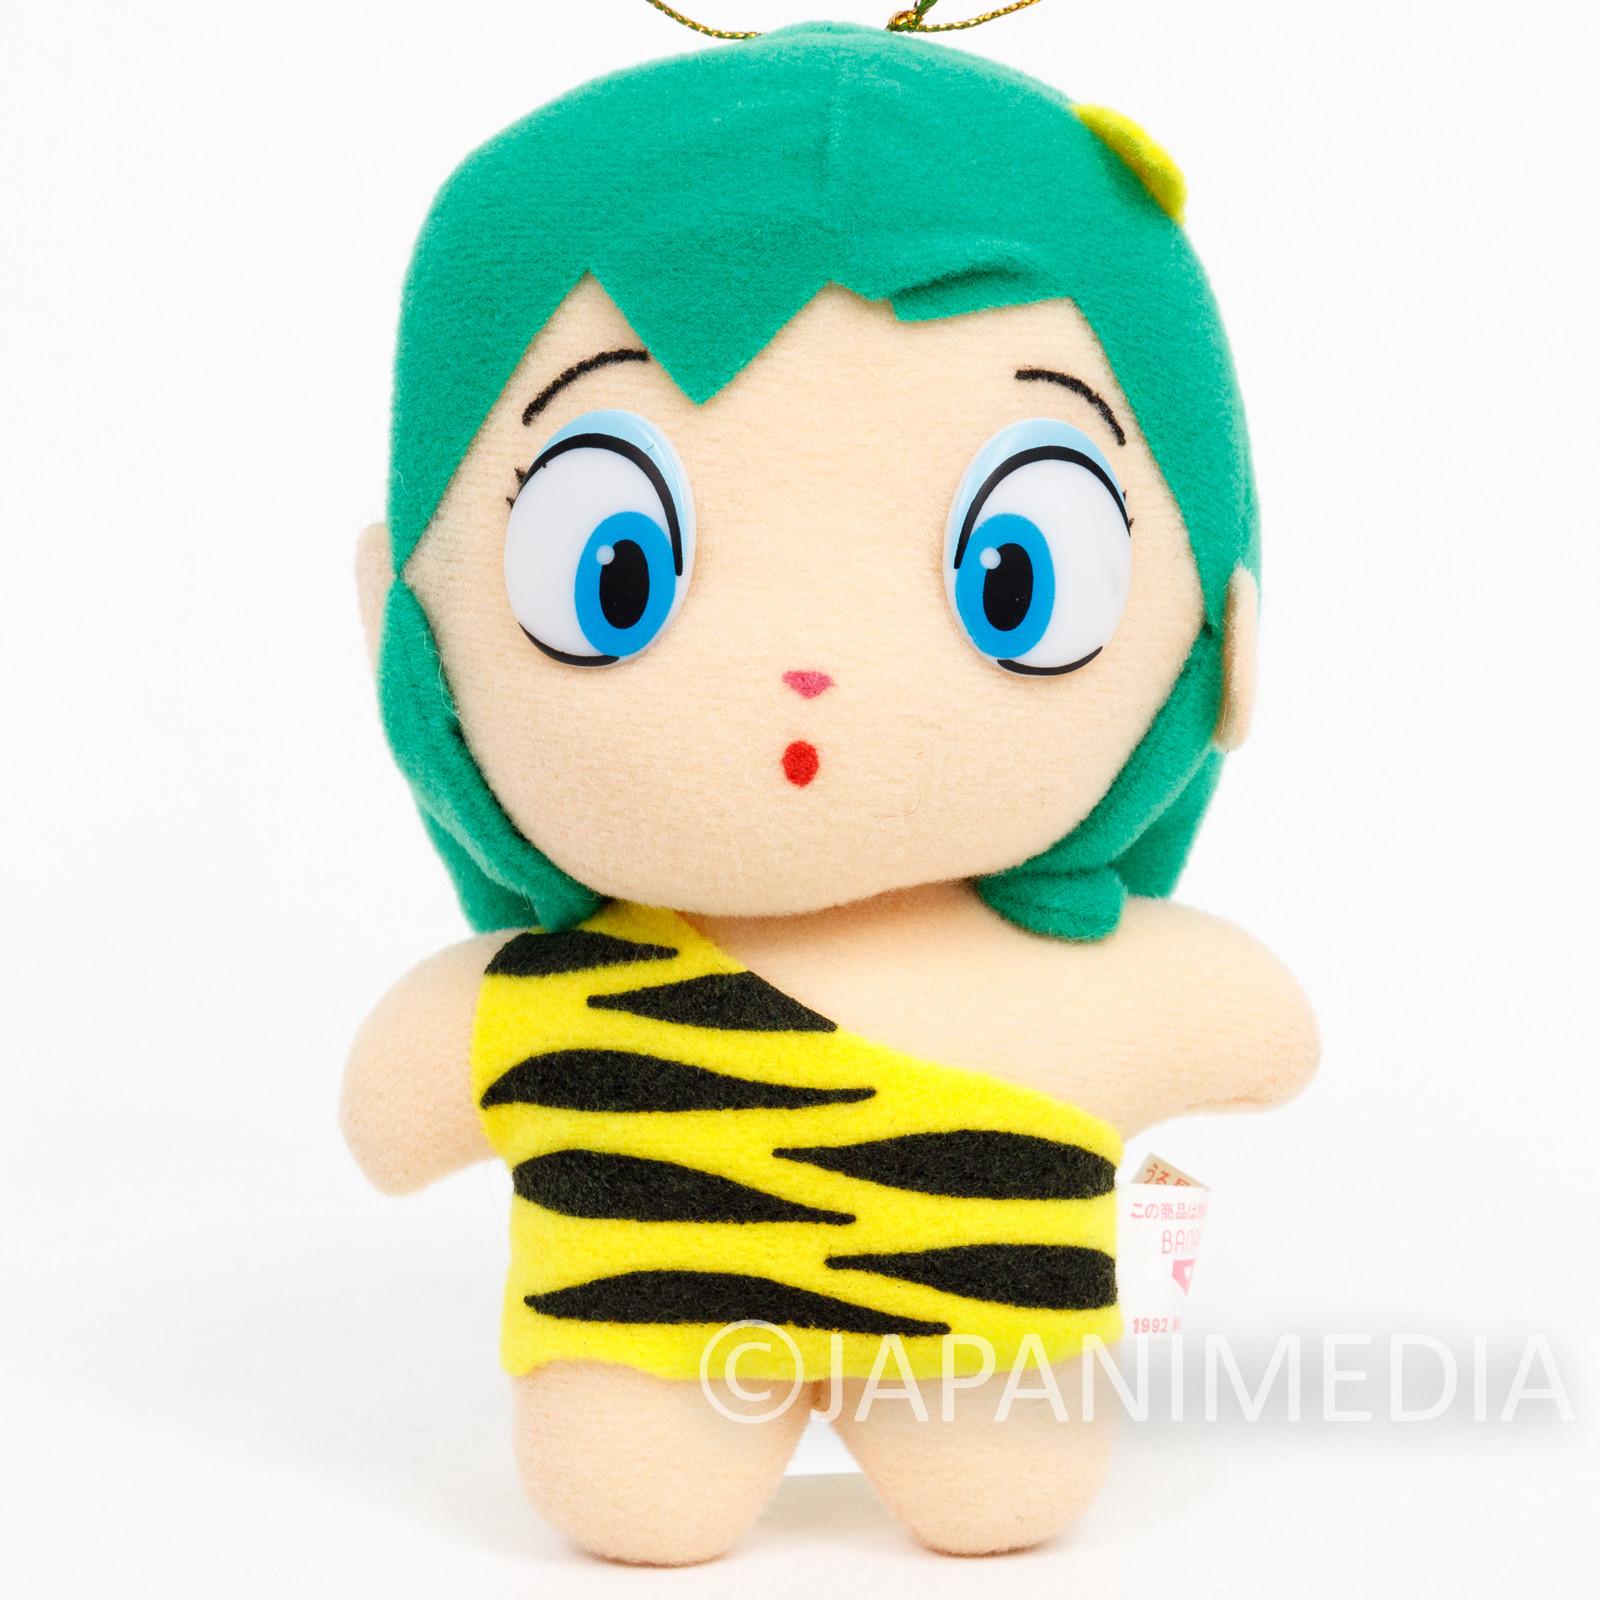 Urusei Yatsura LUM Mascot Plush Doll Figure JAPAN ANIME RUMIKO TAKAHASHI